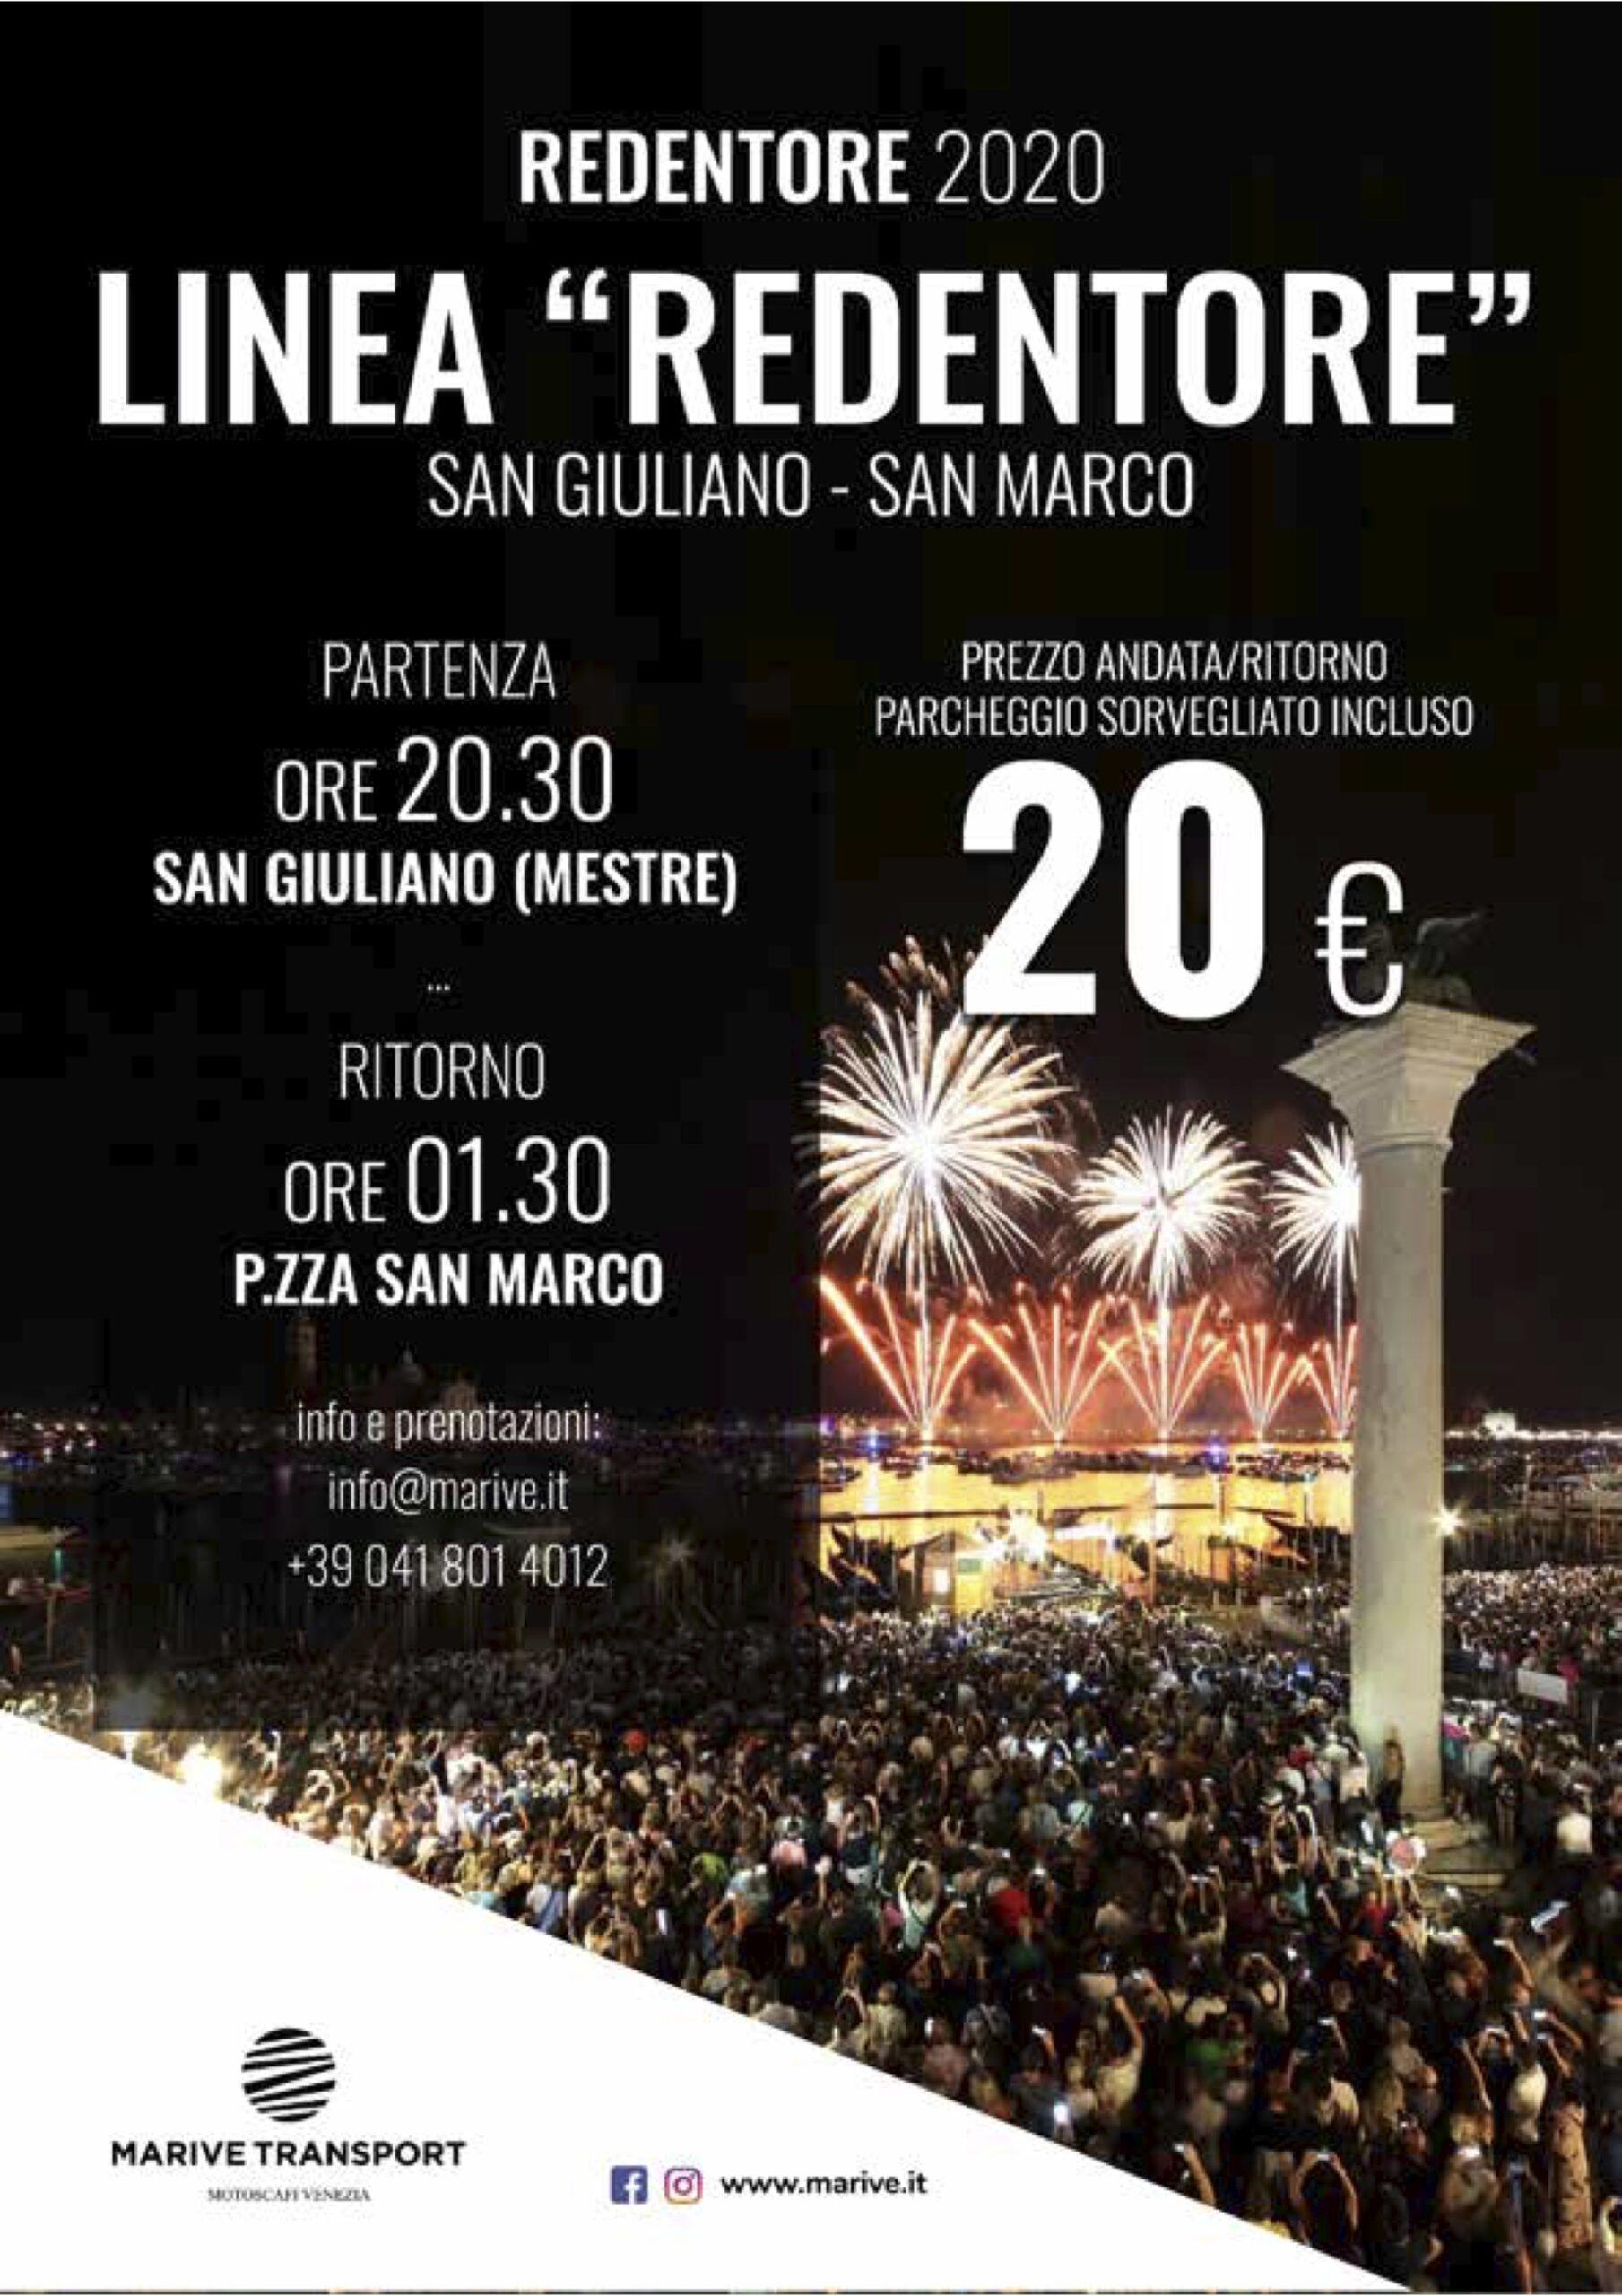 LINEA REDENTORE 2020